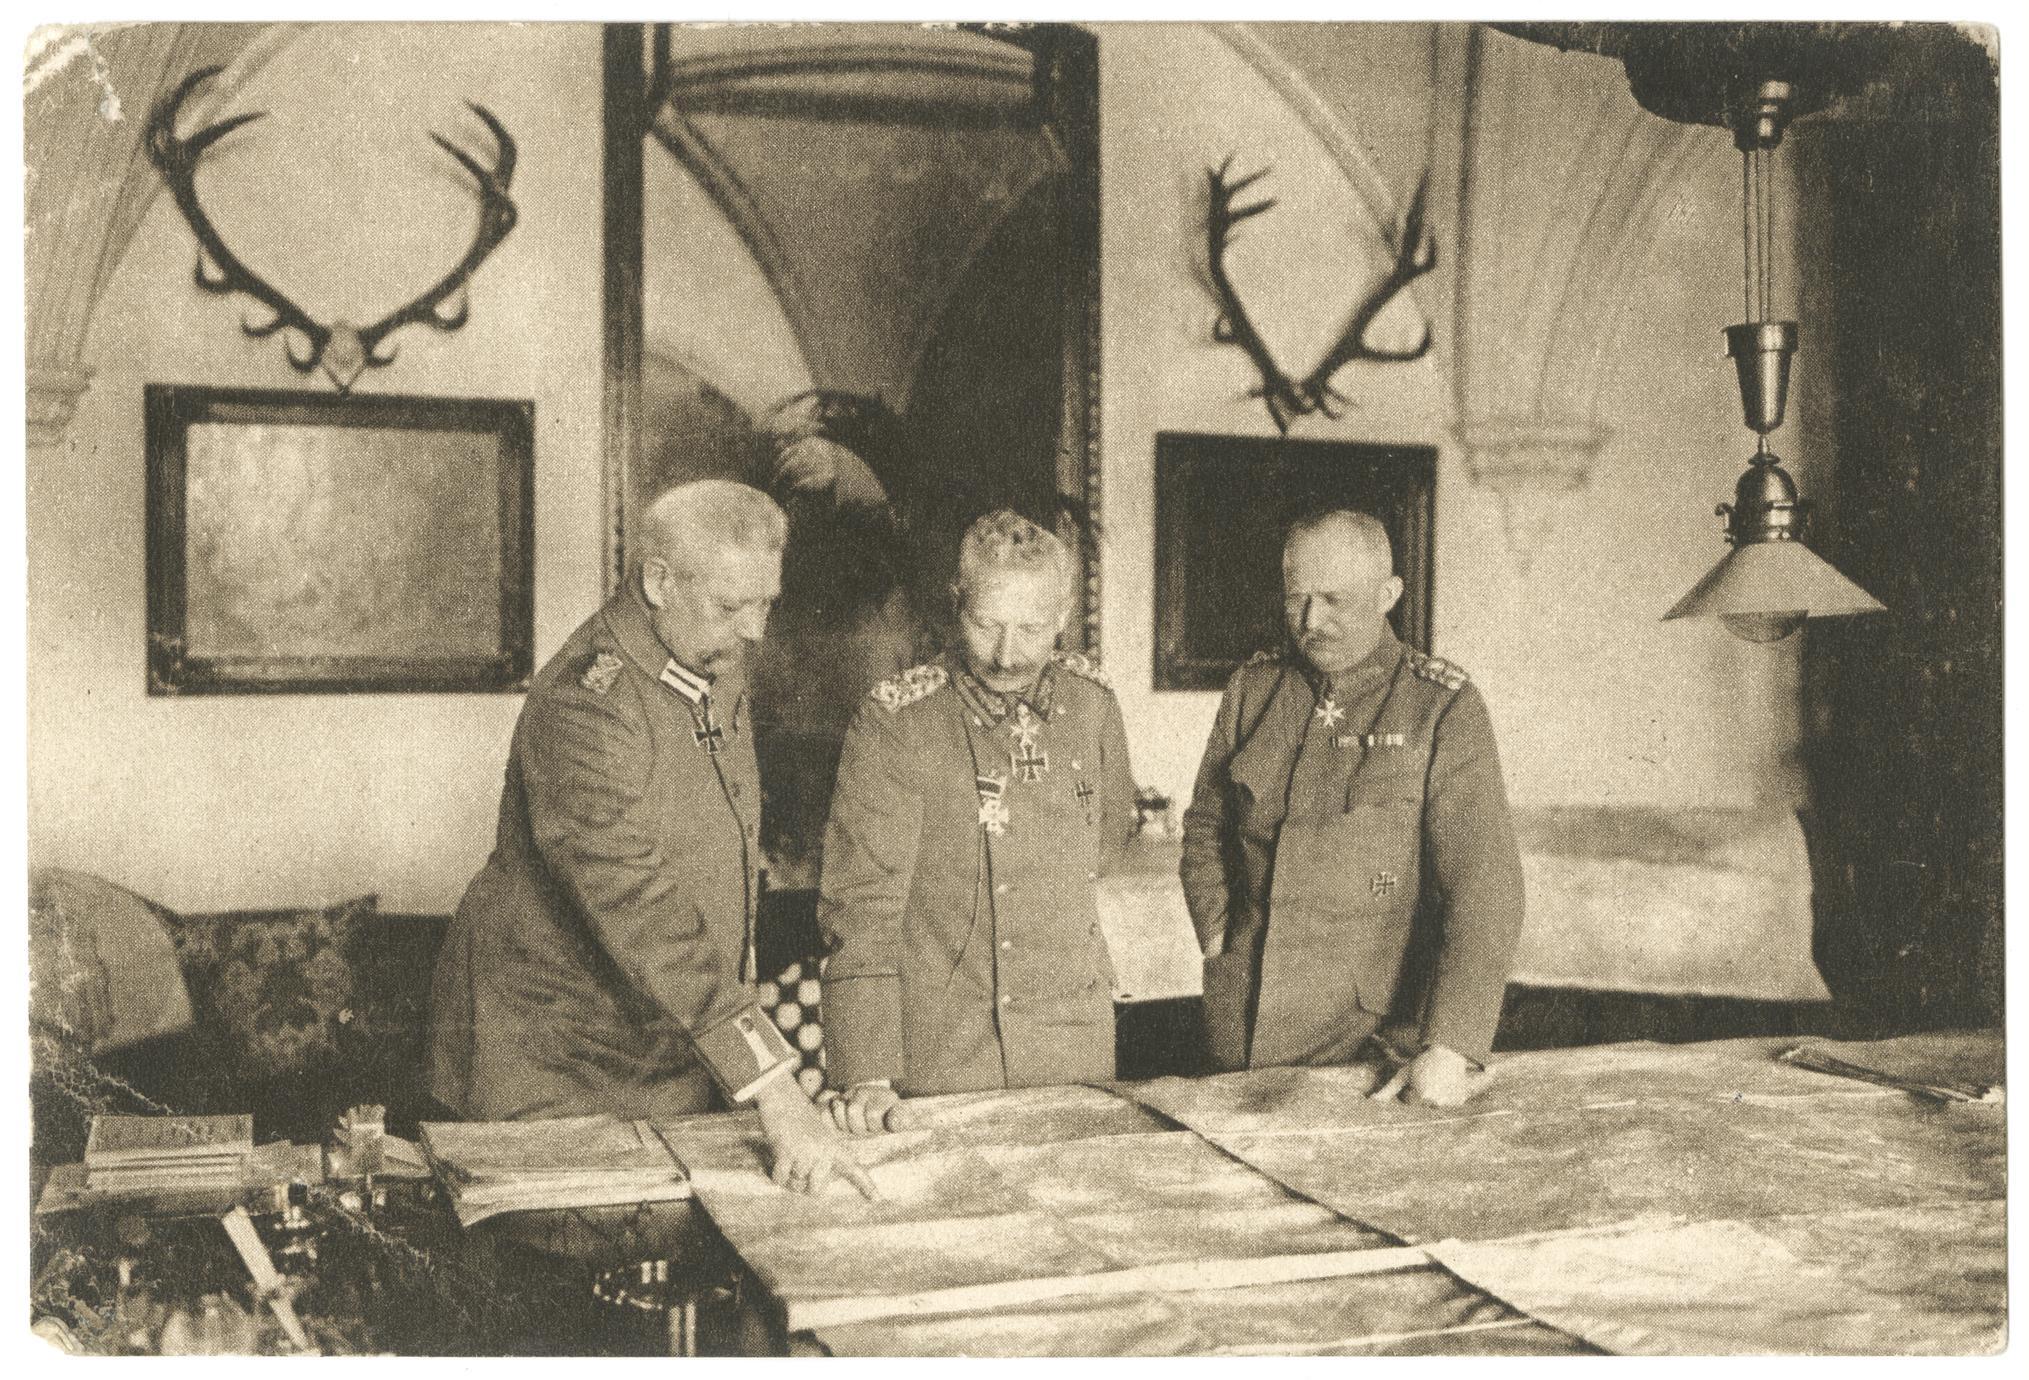 [War leaders study field maps]